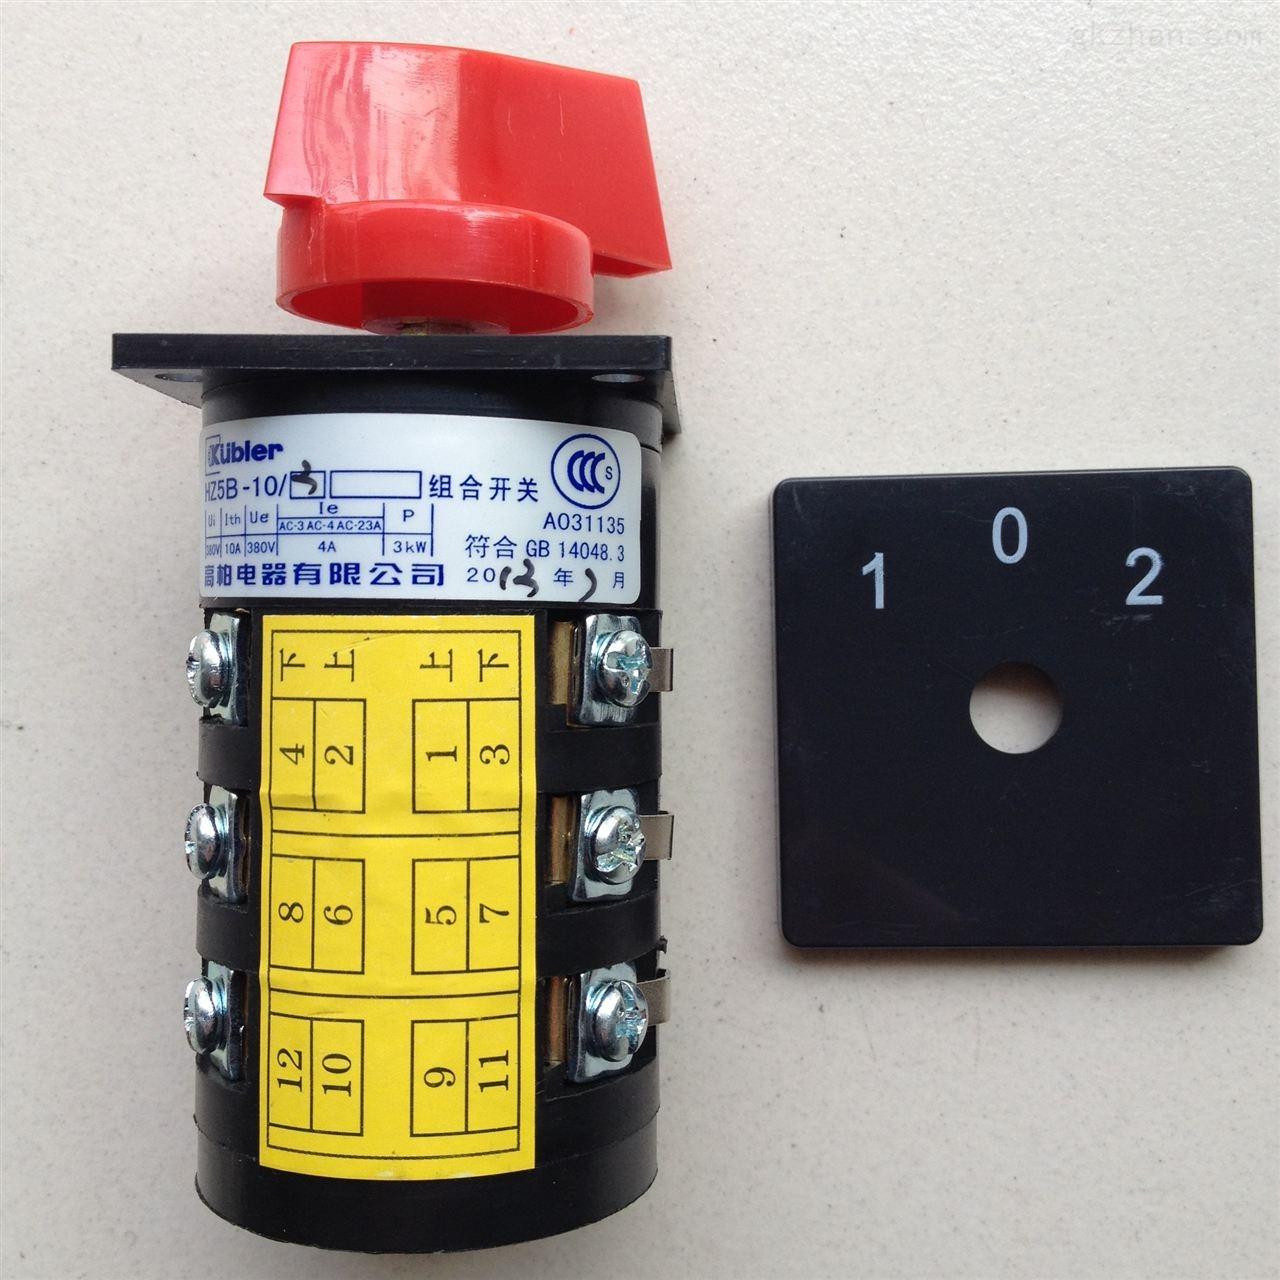 组合开关hz5b-10/3 摇臂钻正反转开关